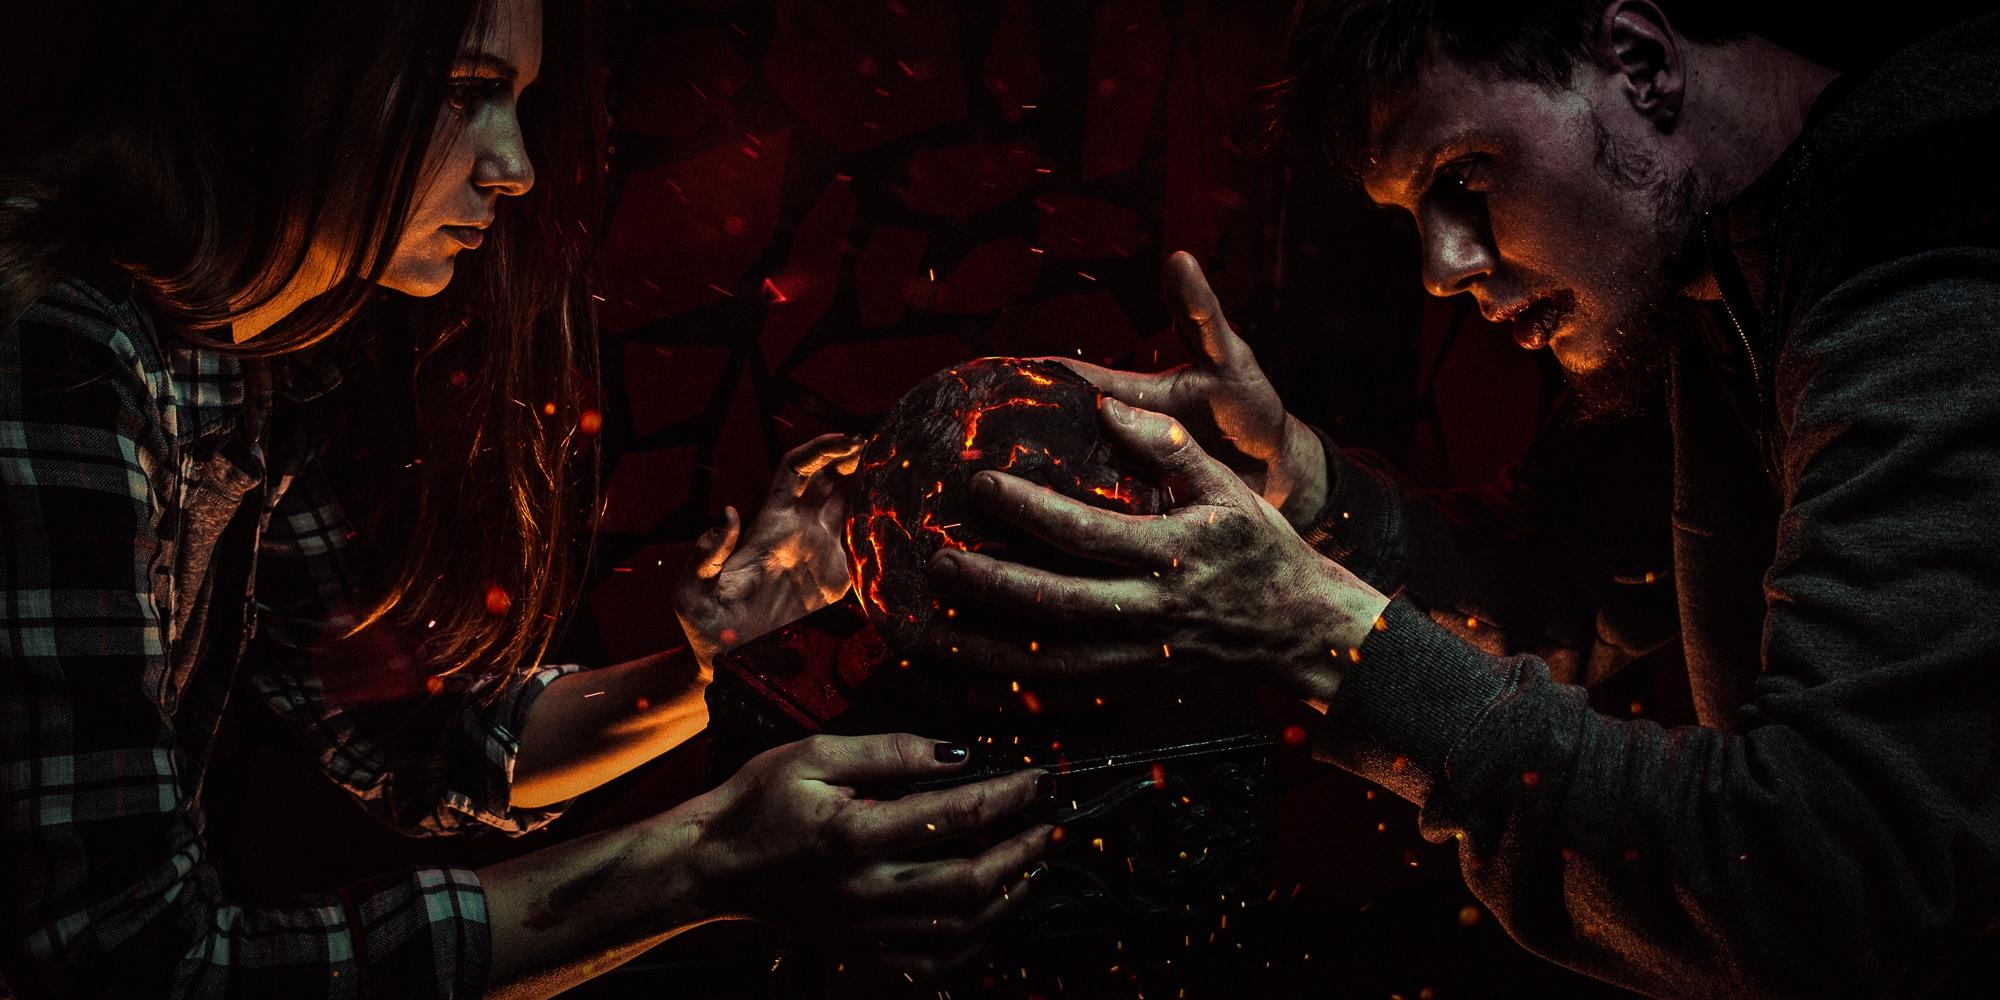 квест с актерами Зло: Легенды темного мира в Москве